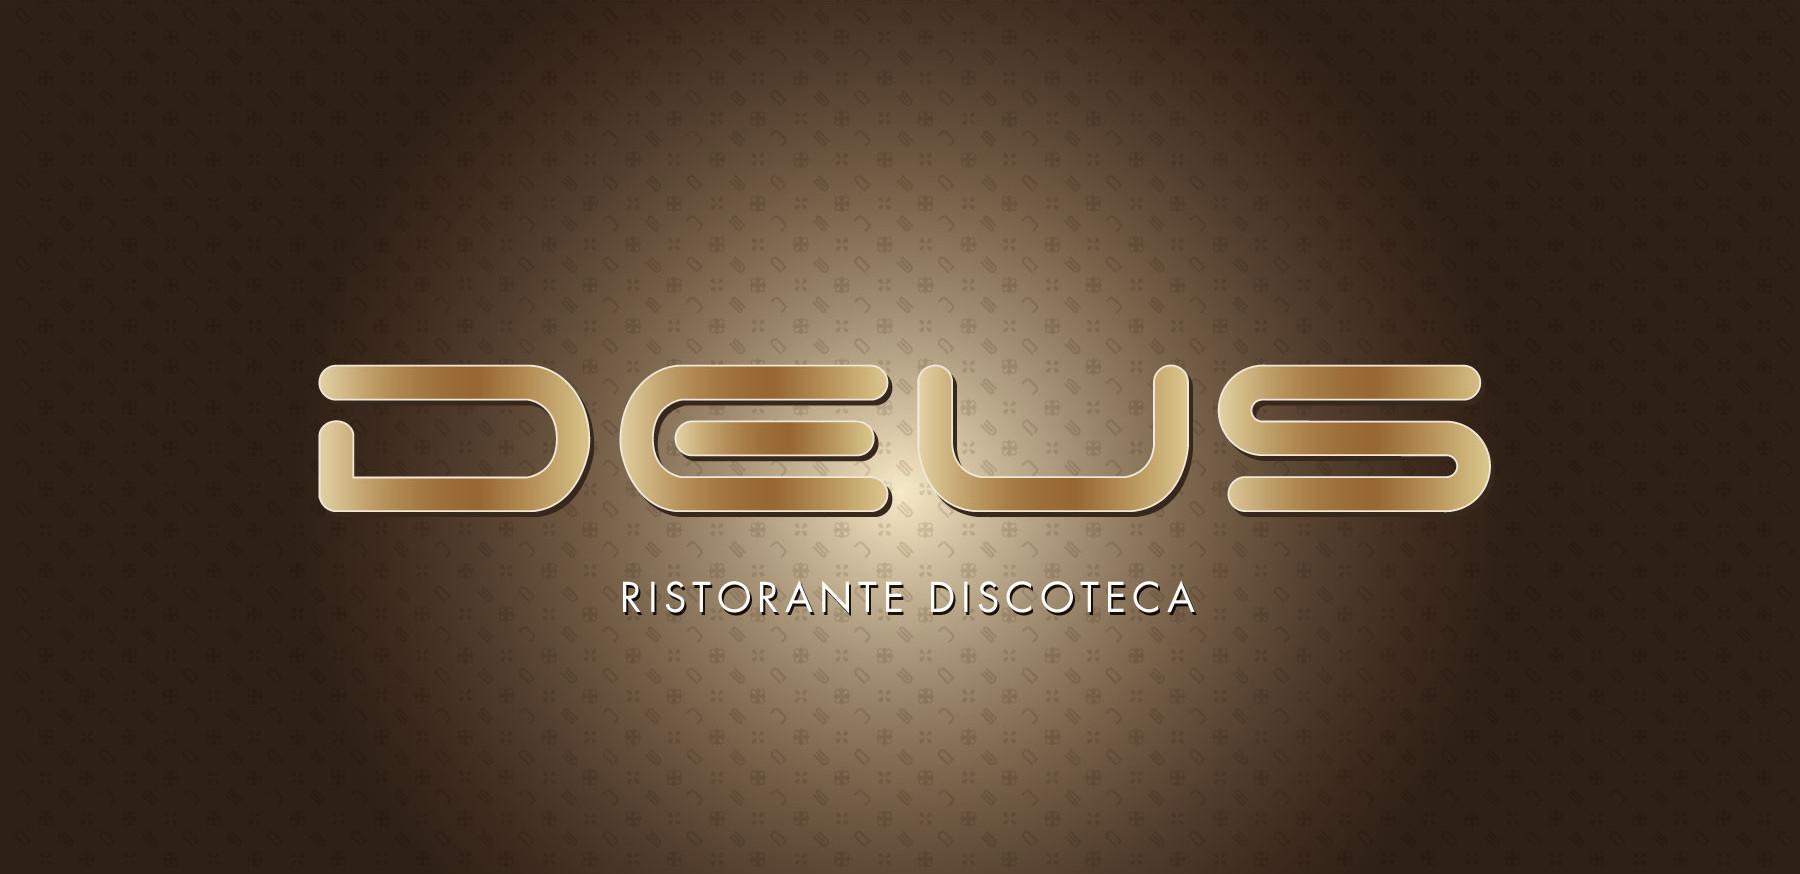 Deus ristorante discoteca